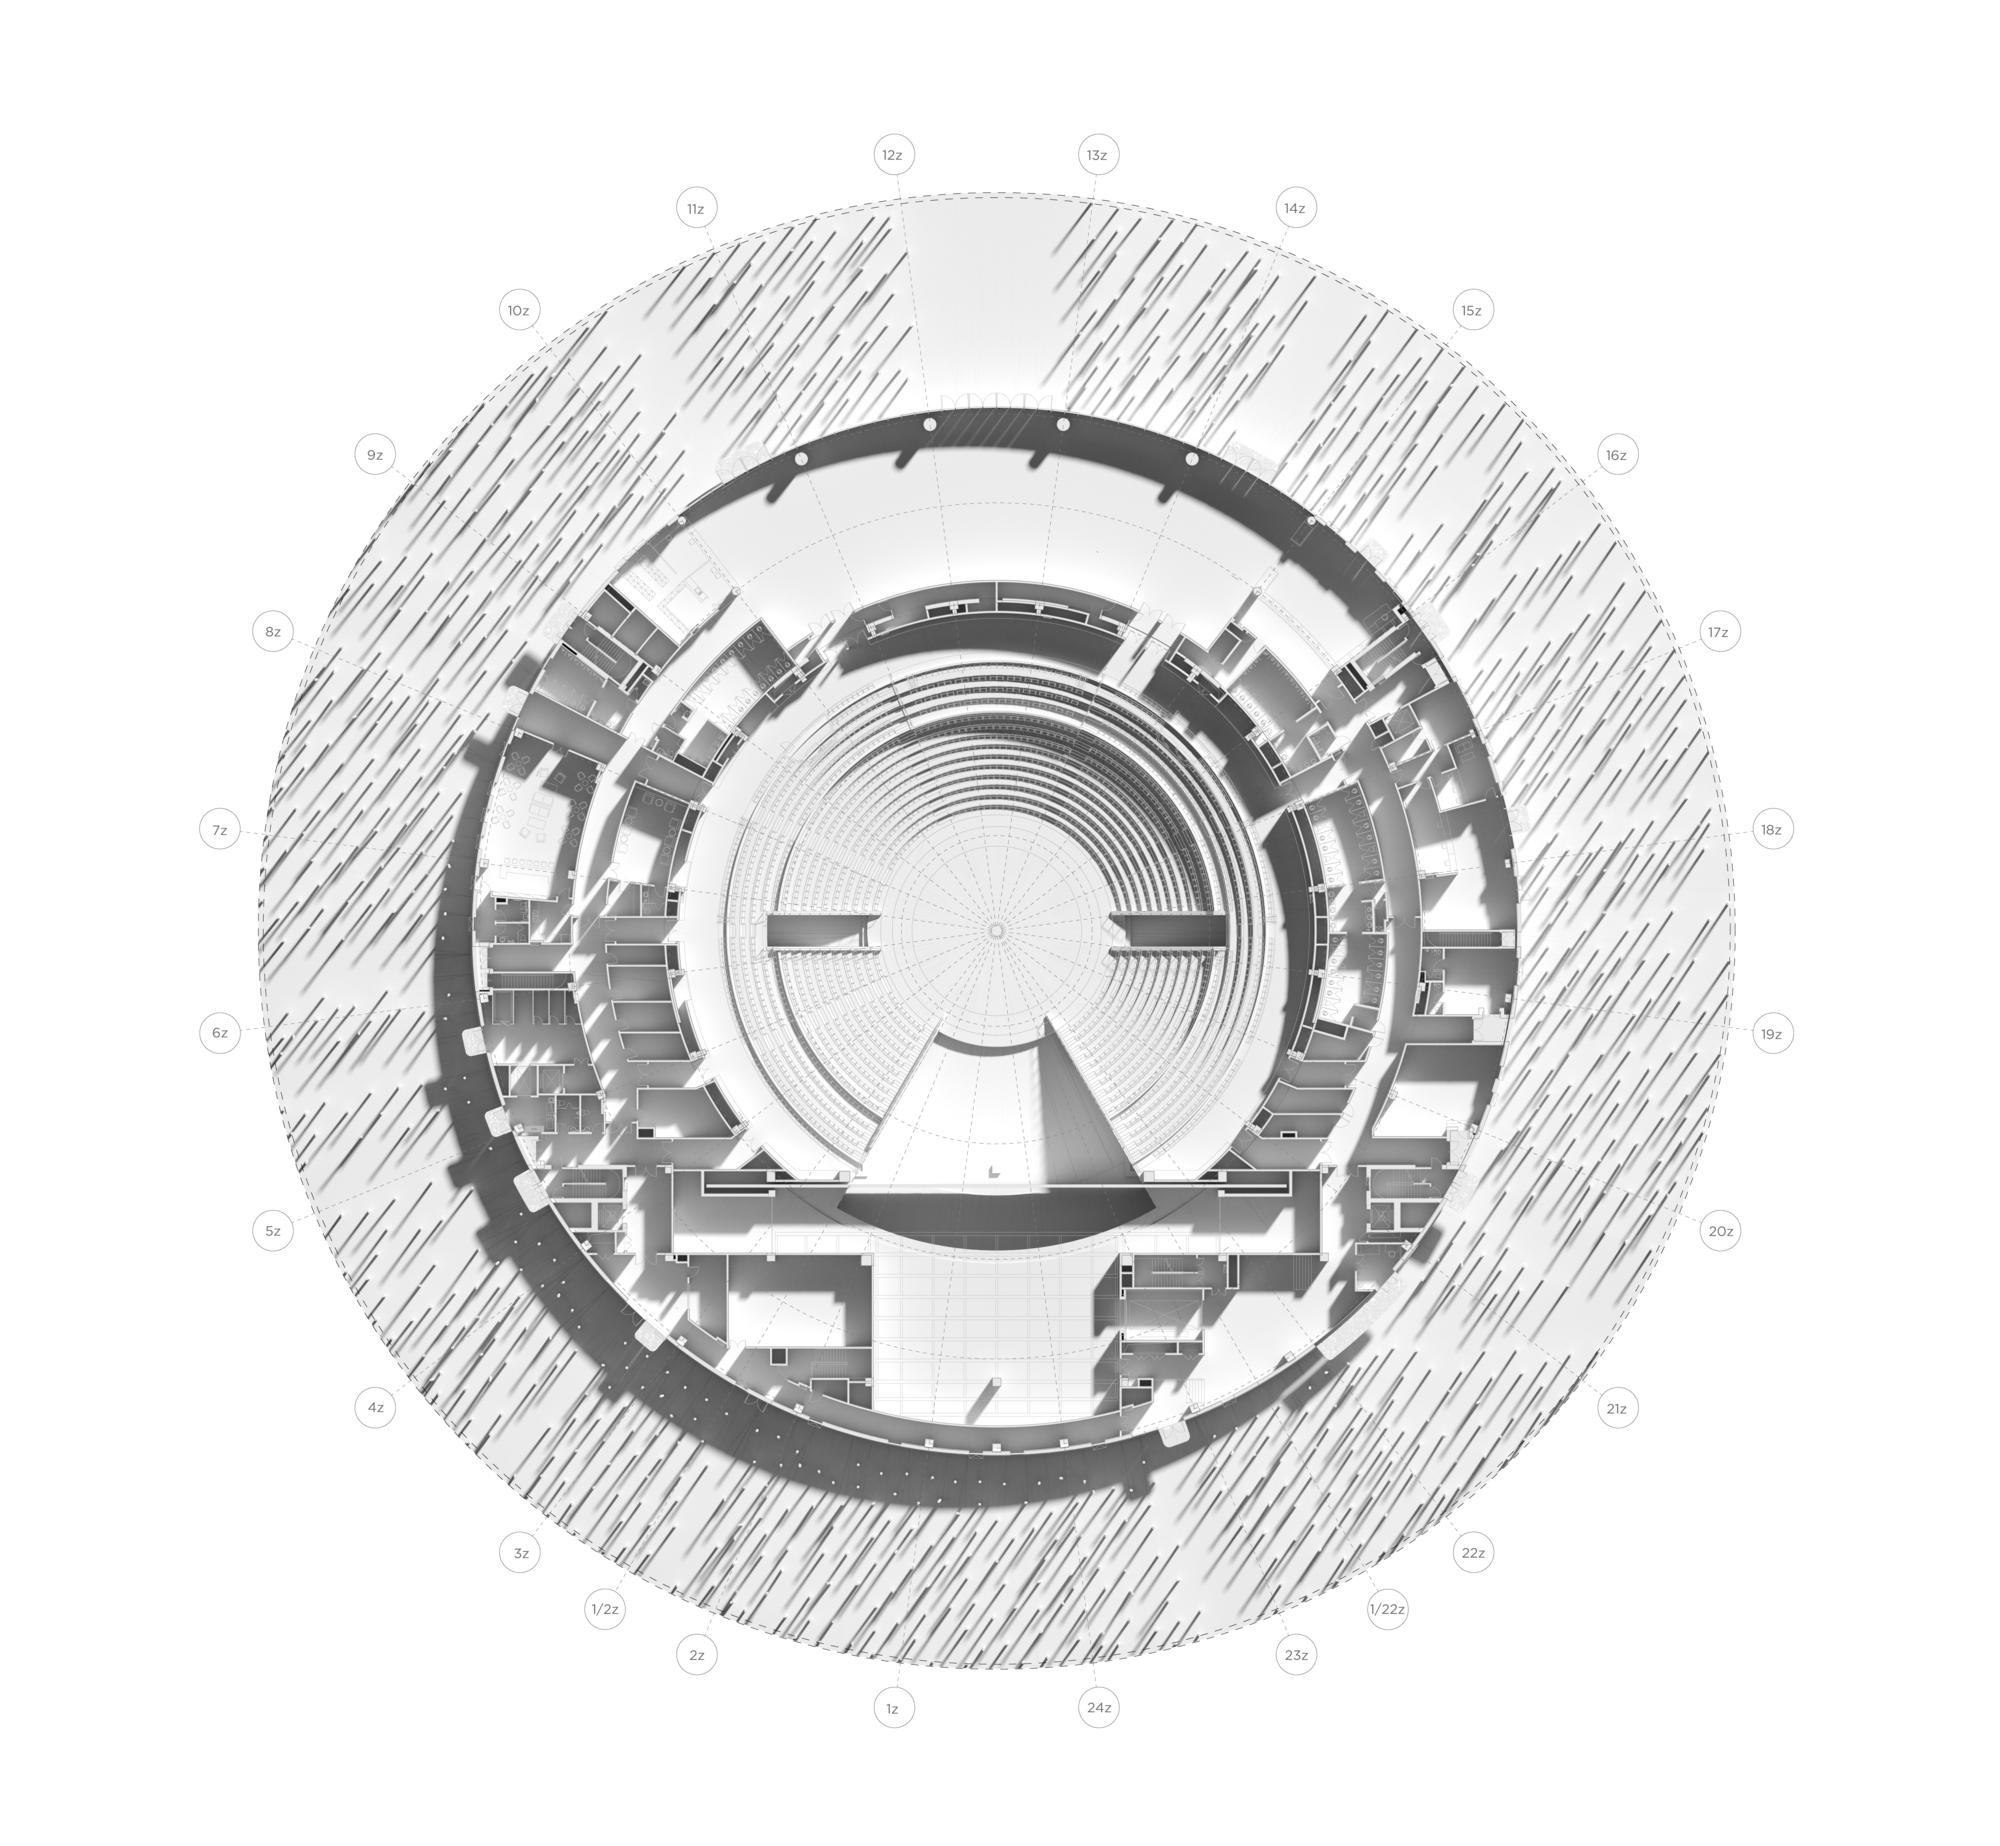 7_20180419_Plan_A3_-_flatten-gray_600dpi.jpg